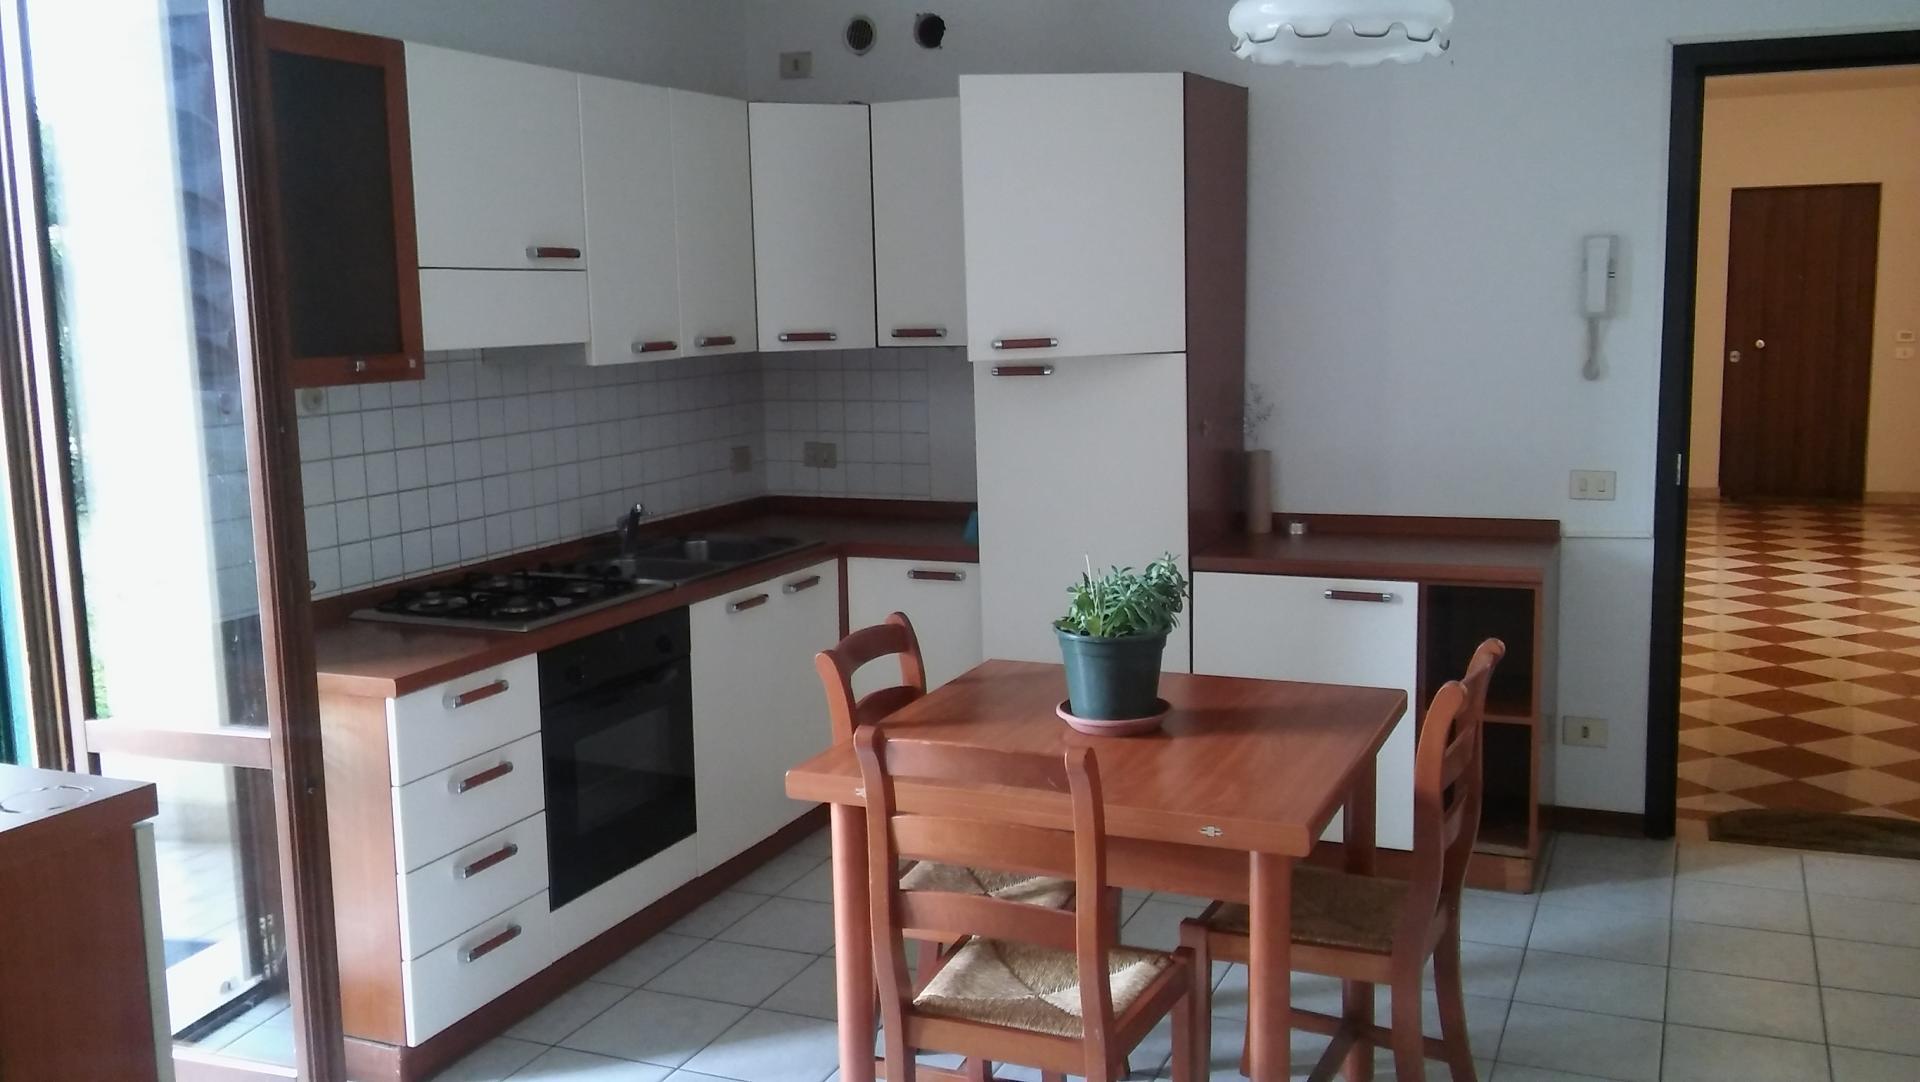 Appartamento in affitto a Carbonera, 2 locali, zona Zona: Biban, prezzo € 450 | CambioCasa.it